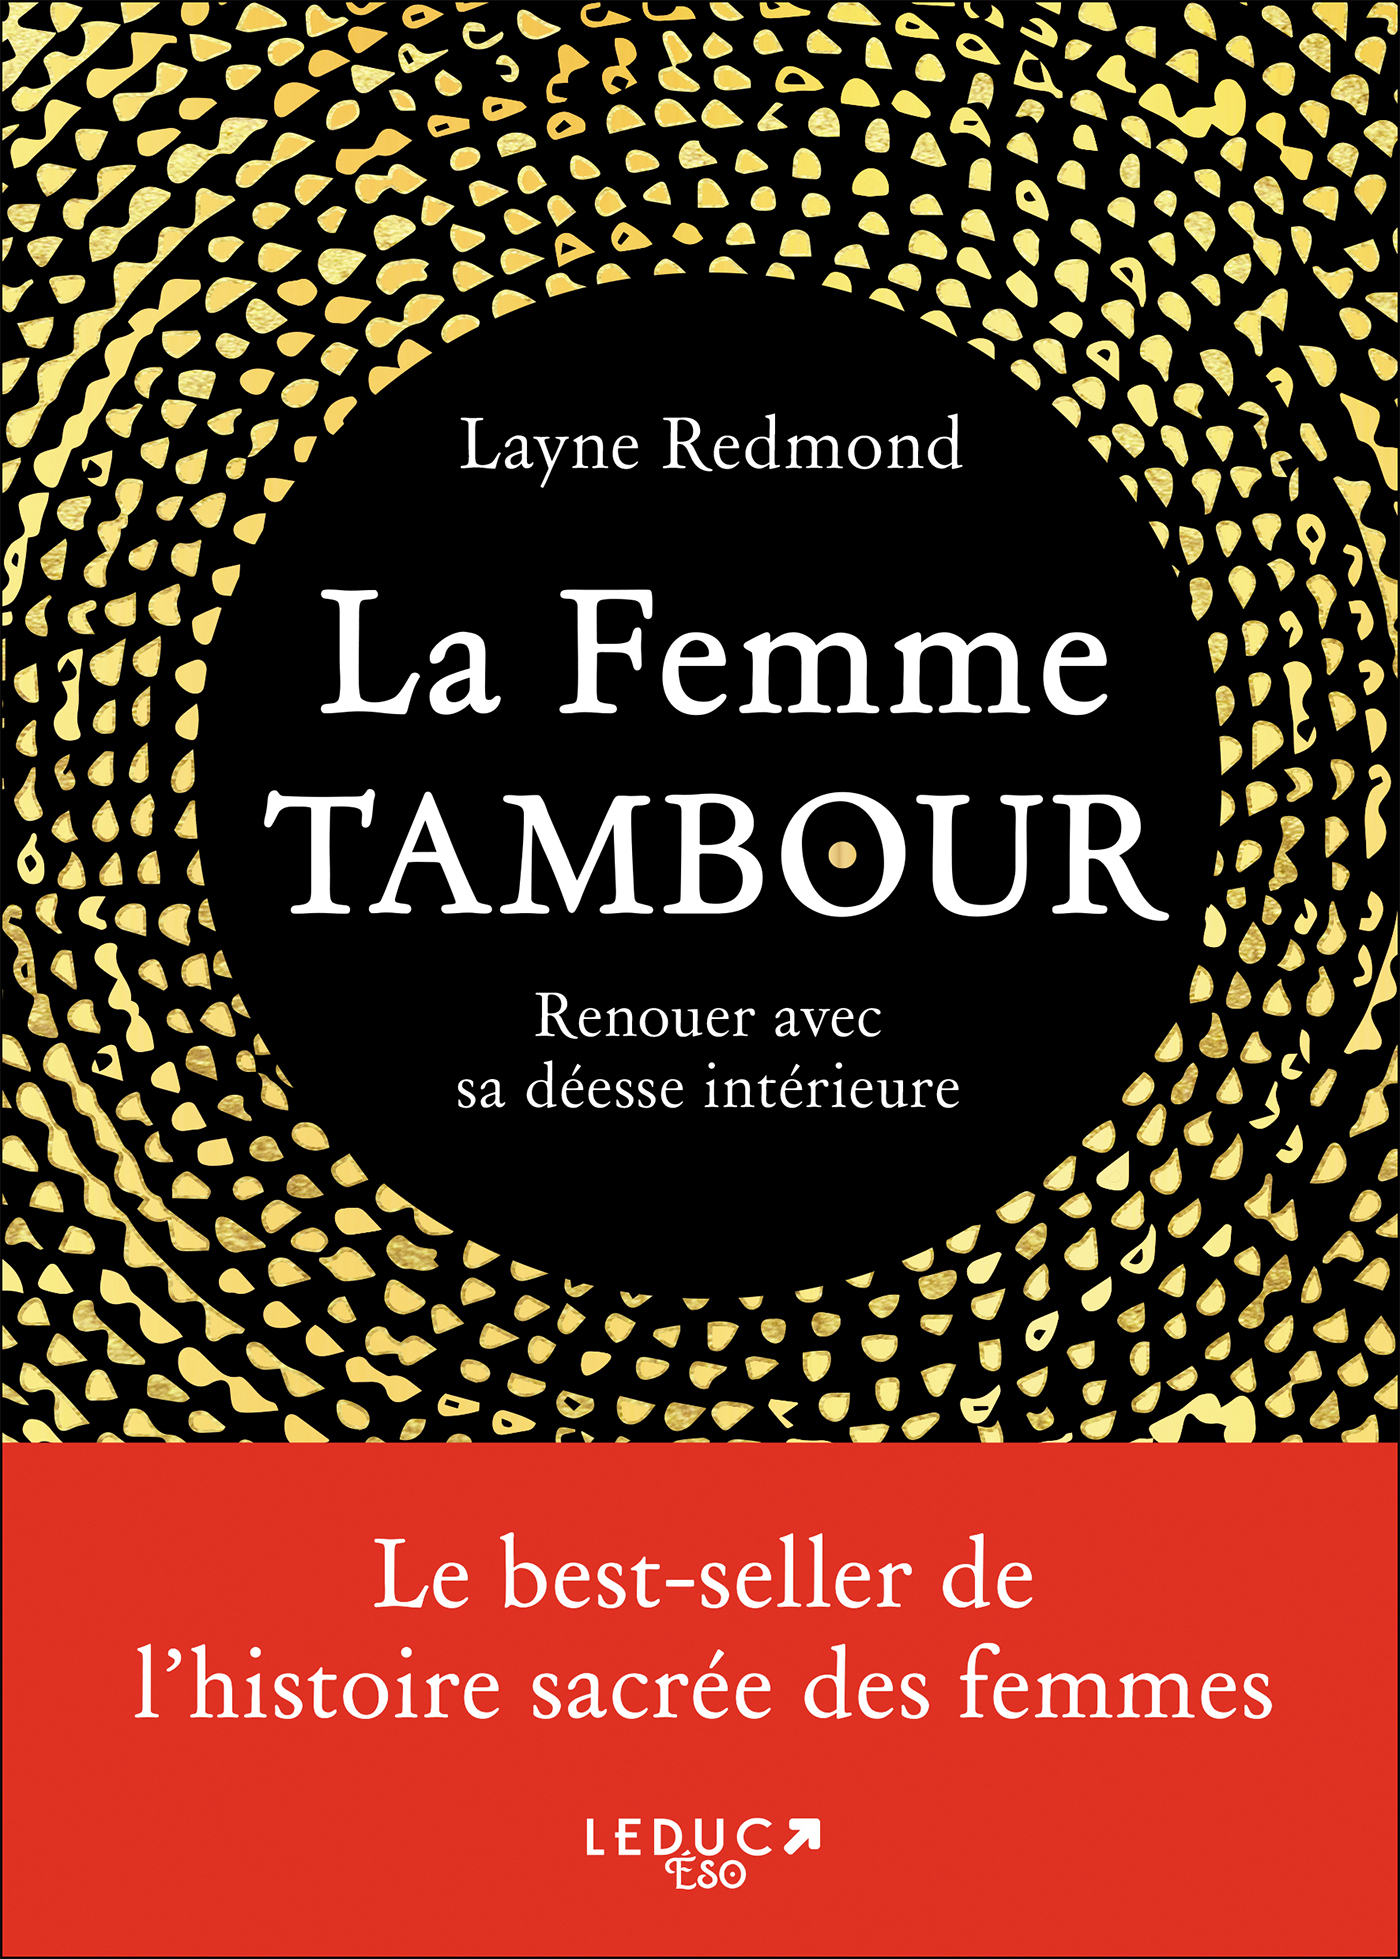 LA FEMME TAMBOUR